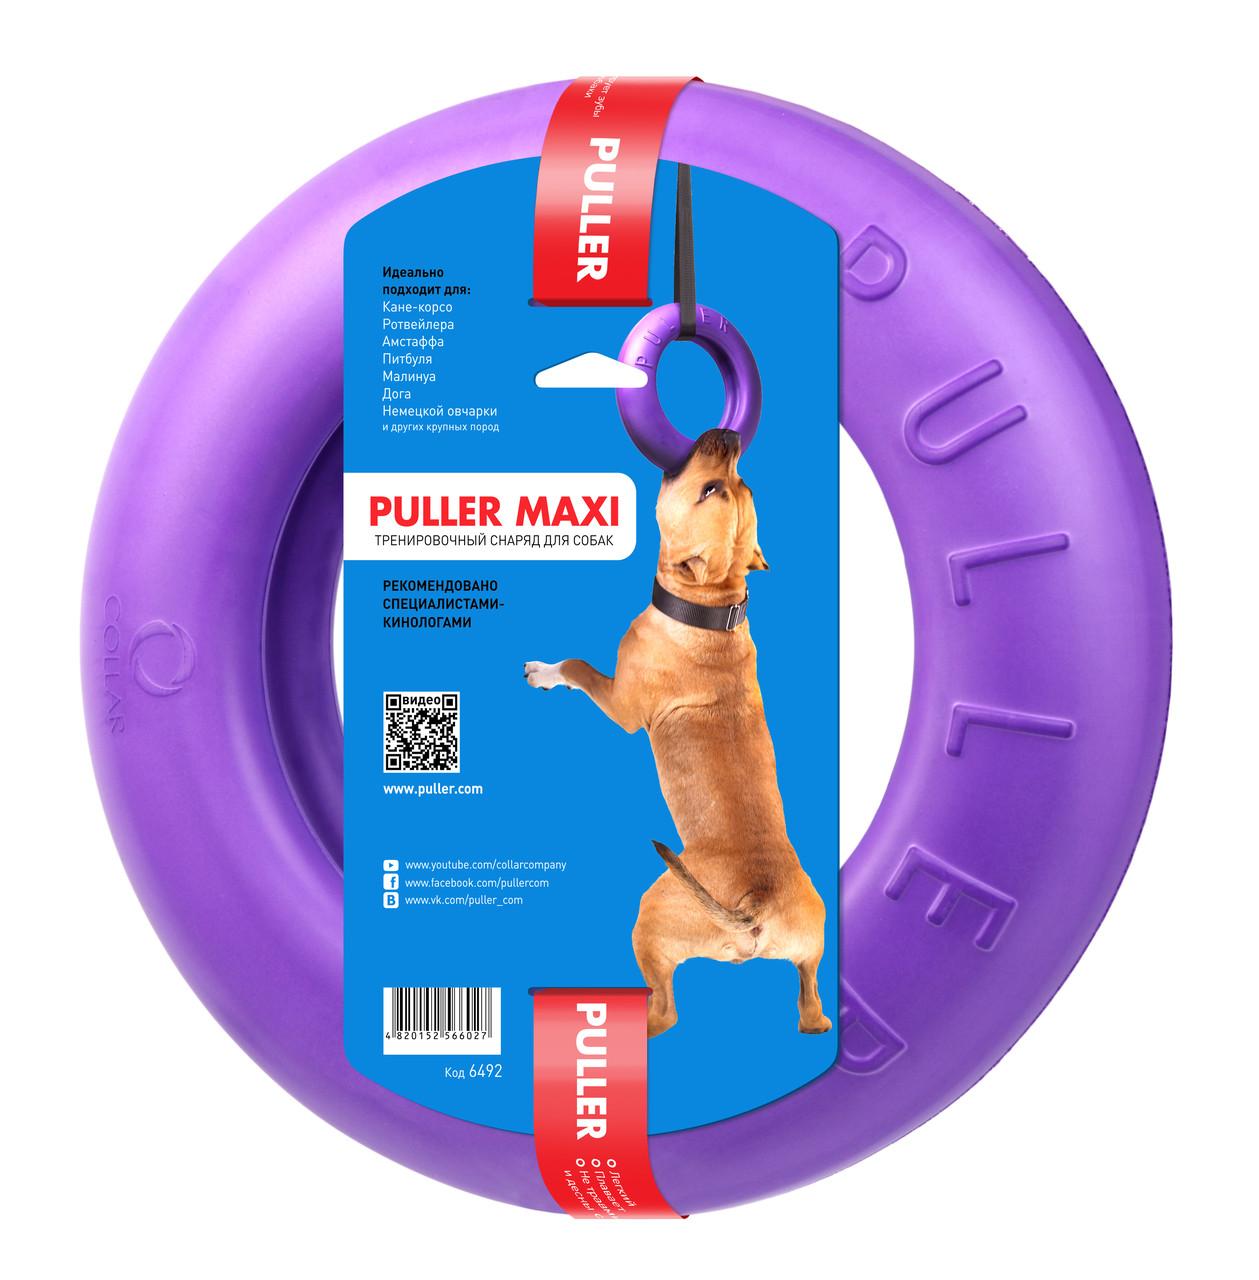 Тренувальний снаряд для собак PULLER (діаметр 30 XL см)